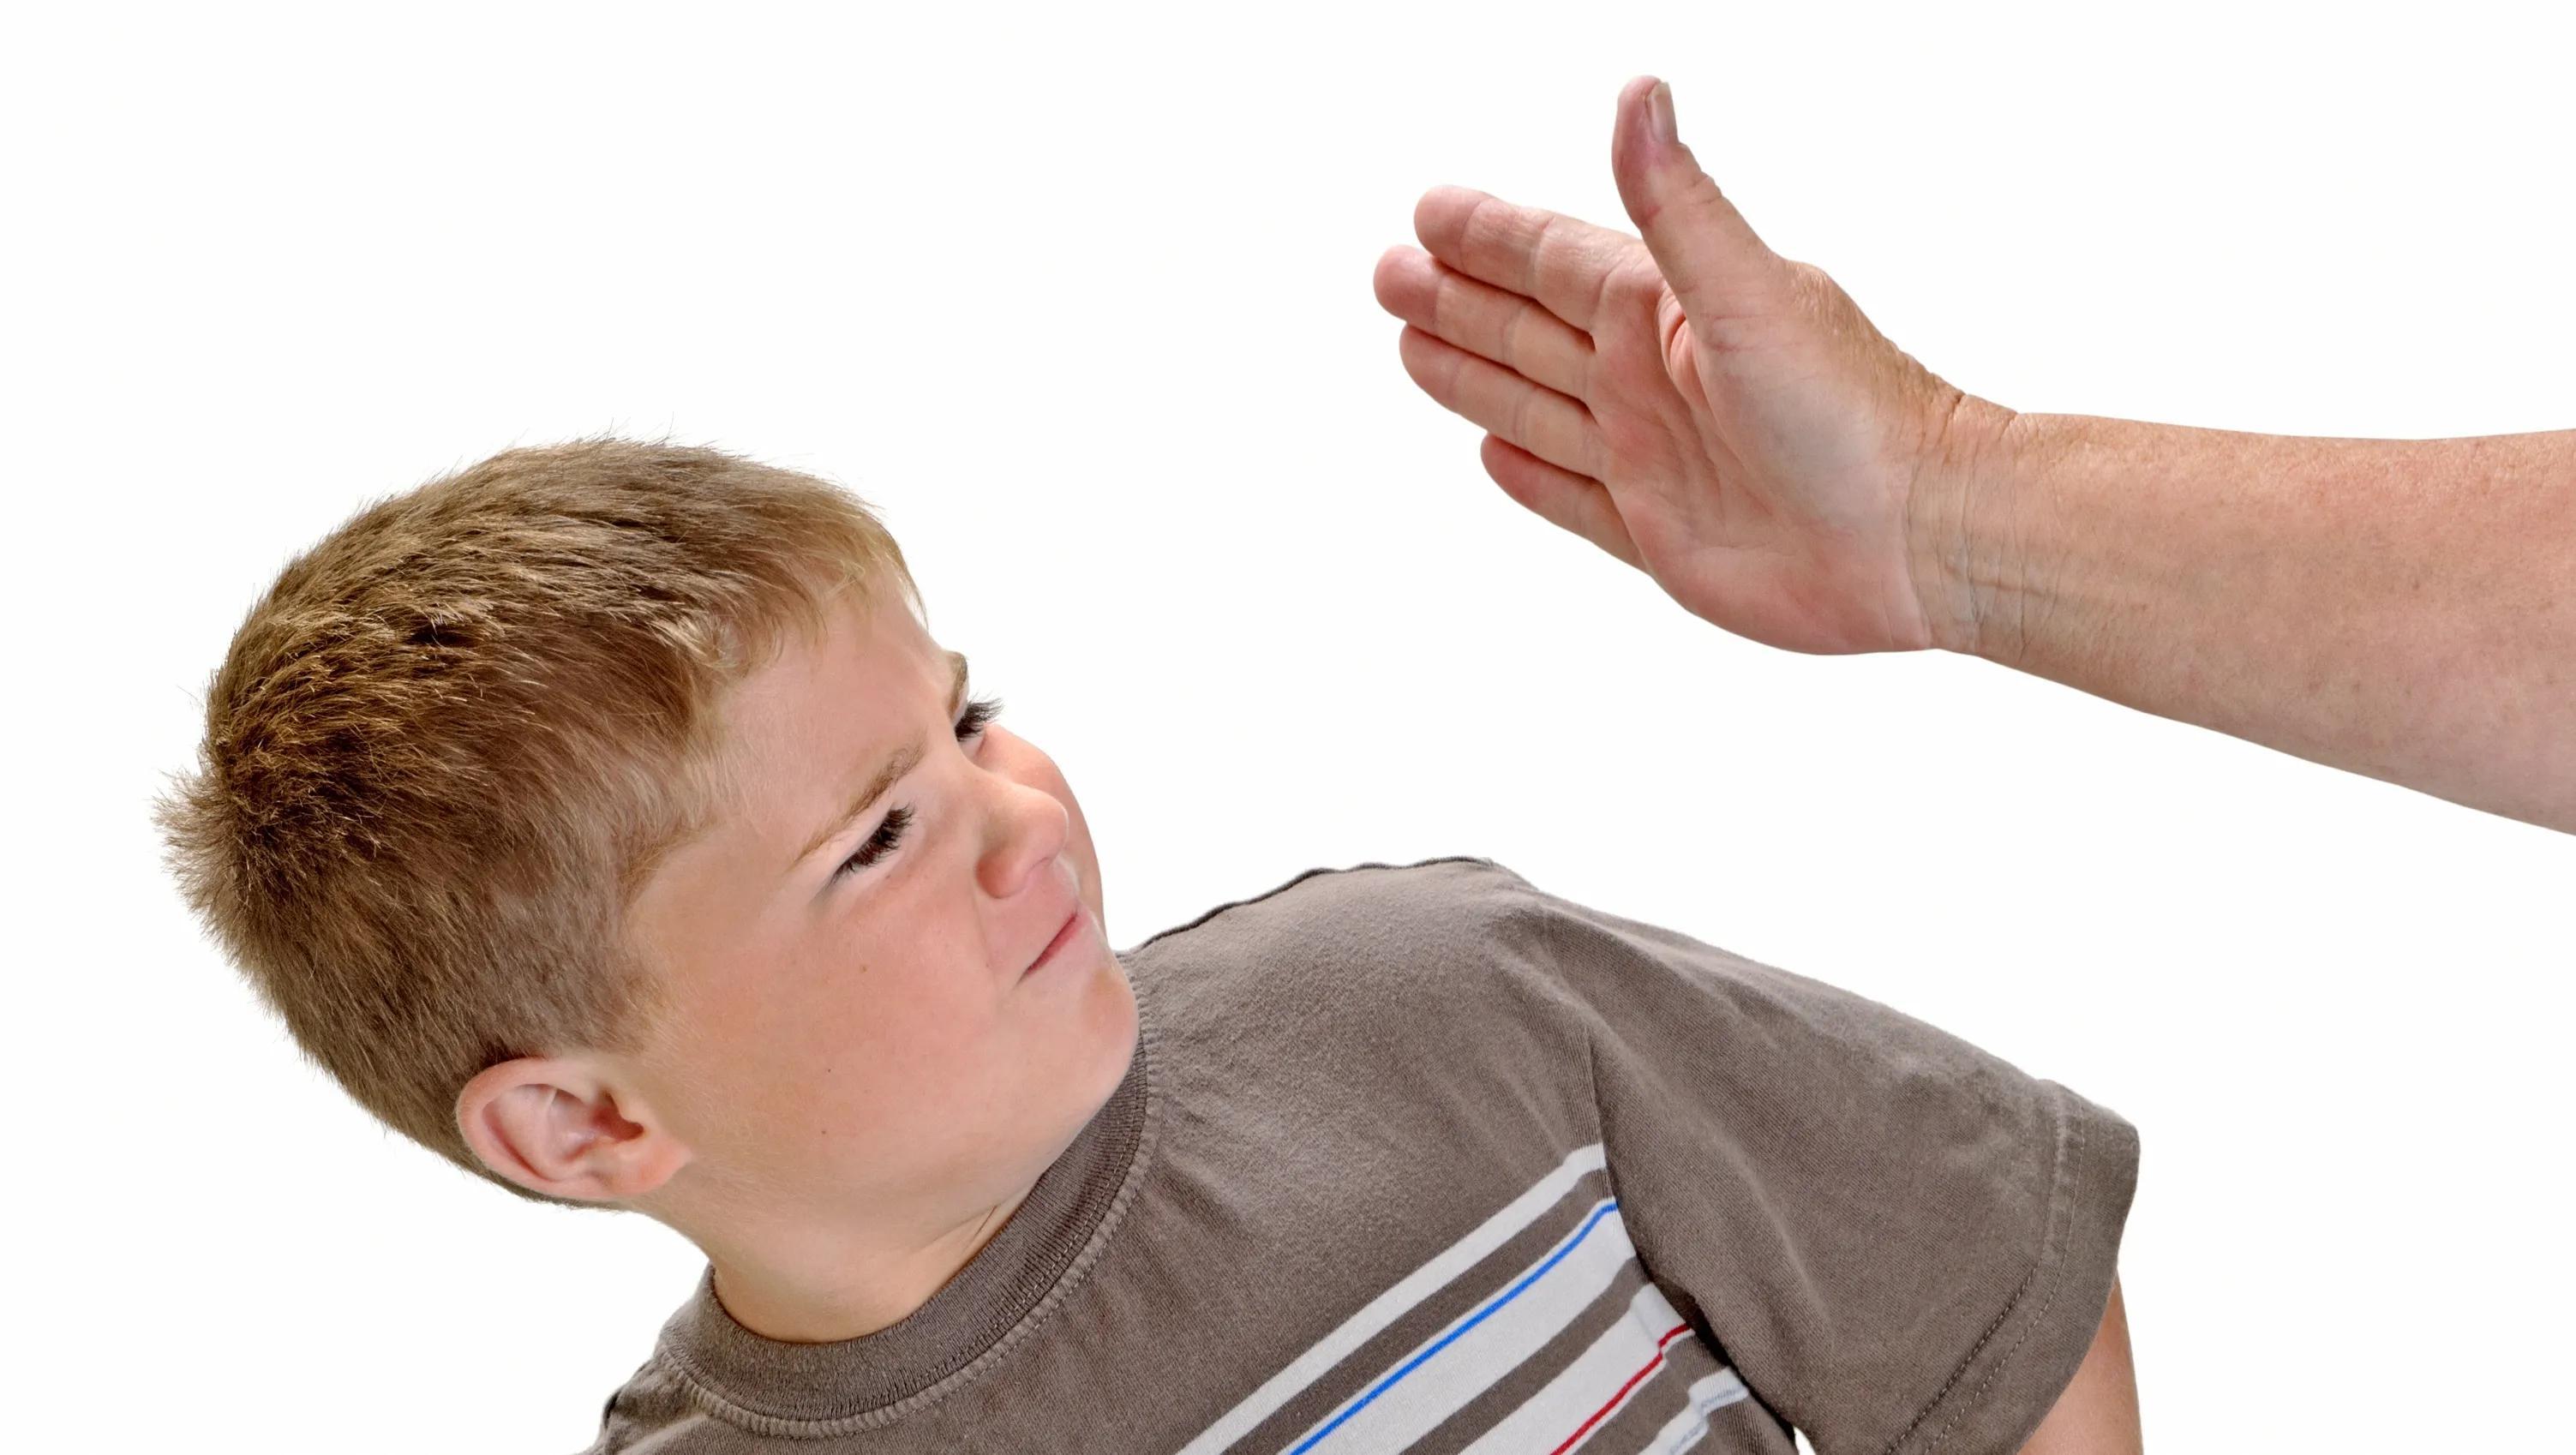 Выявлена связь между легким физическим насилием и развитием мозга ребенка